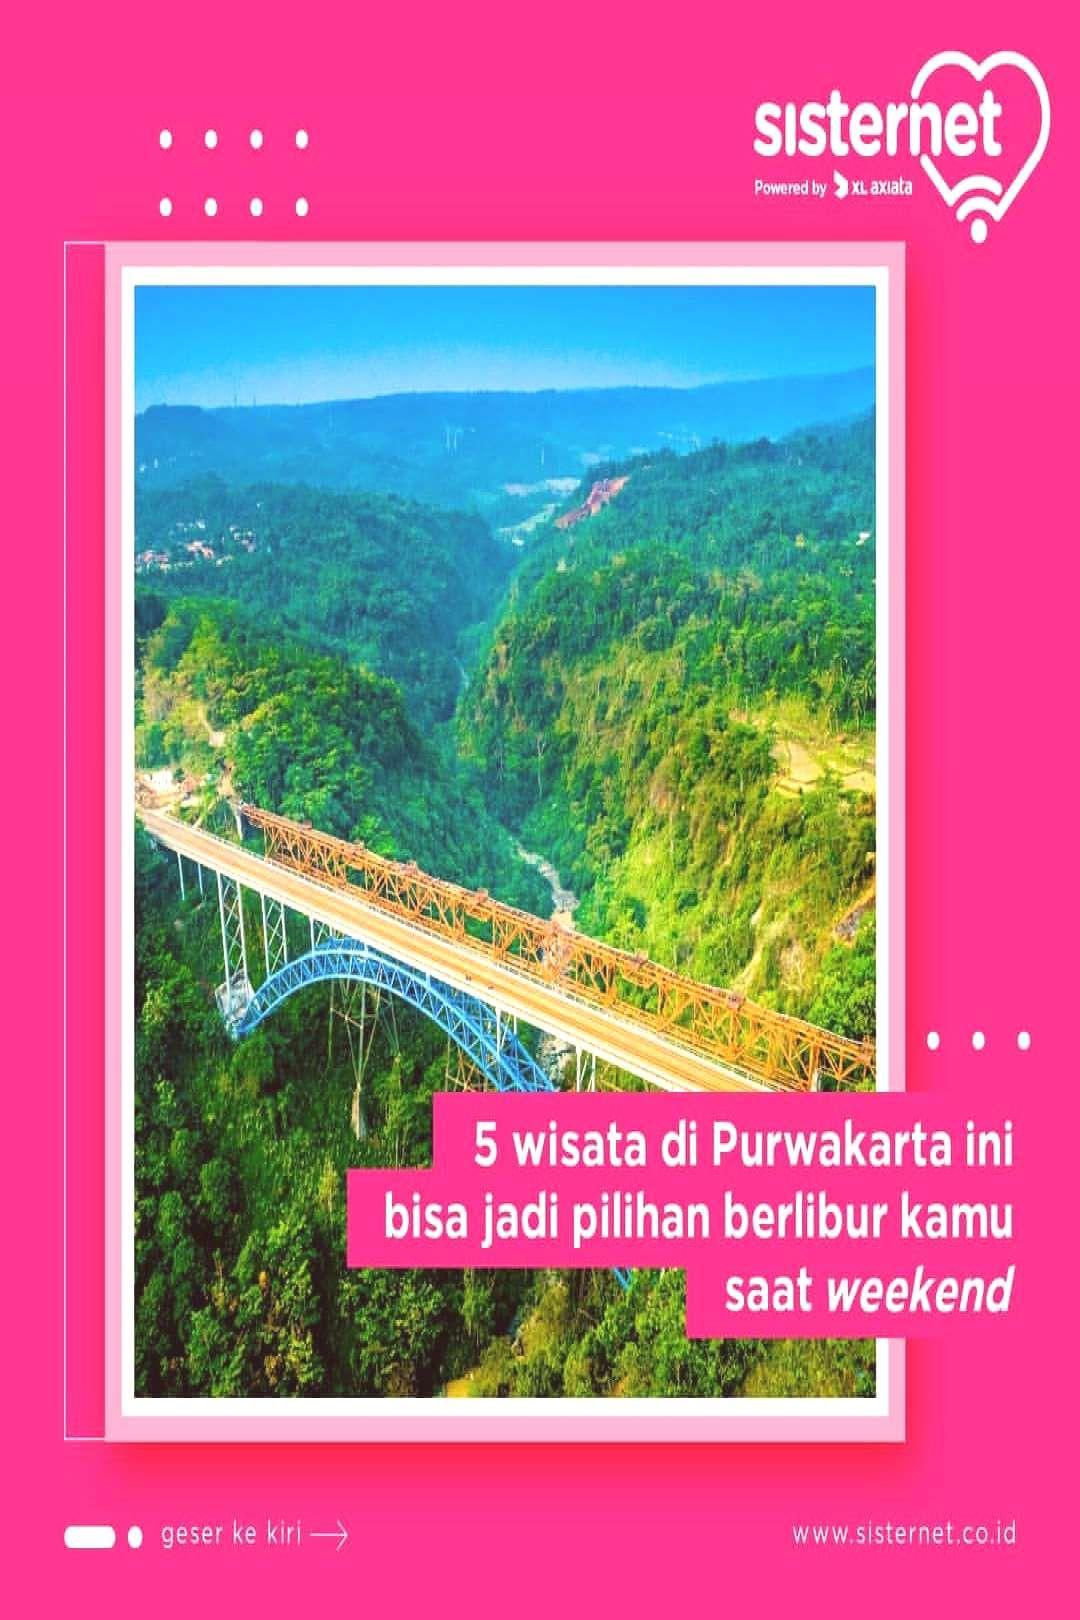 Sisters, Purwakarta adalah salah satu wilayah yang didominasi ole